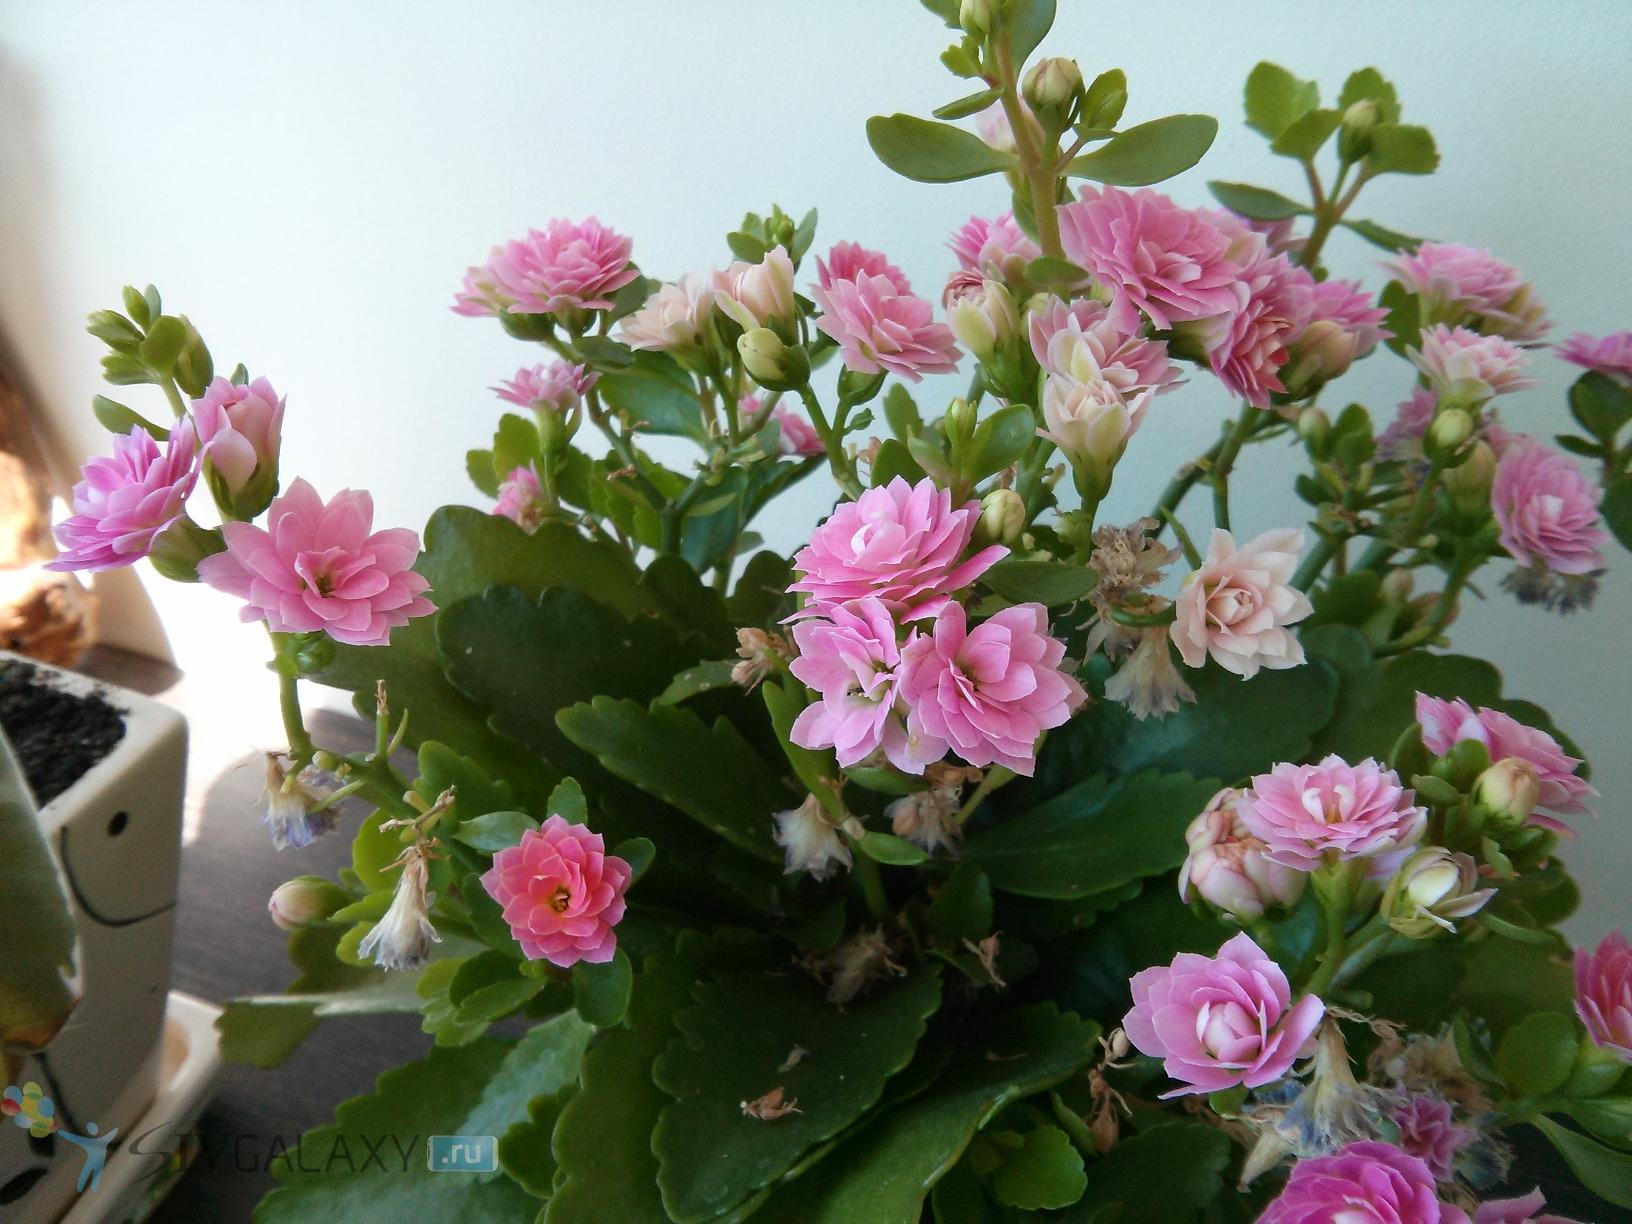 Фото с камеры LG Nexus 4 - цветы на столе